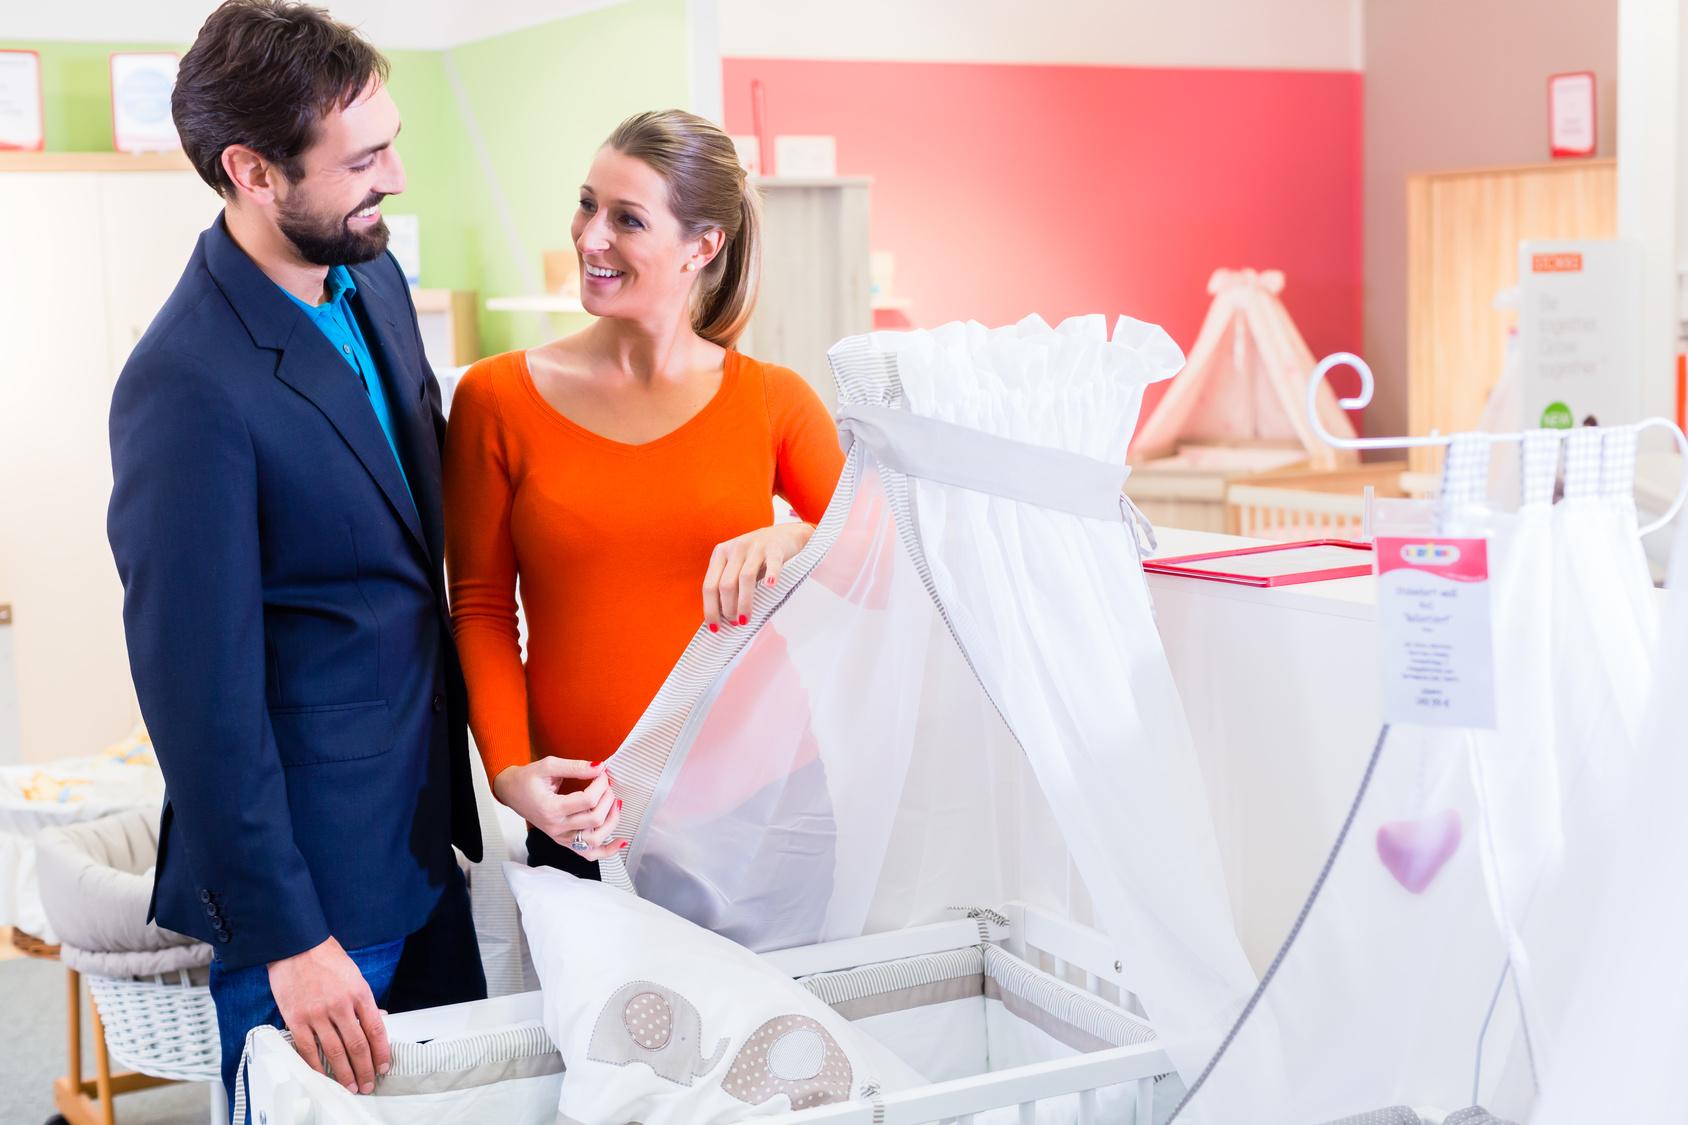 Hartz IV Einmalige Beihilfen für Babyausstattung